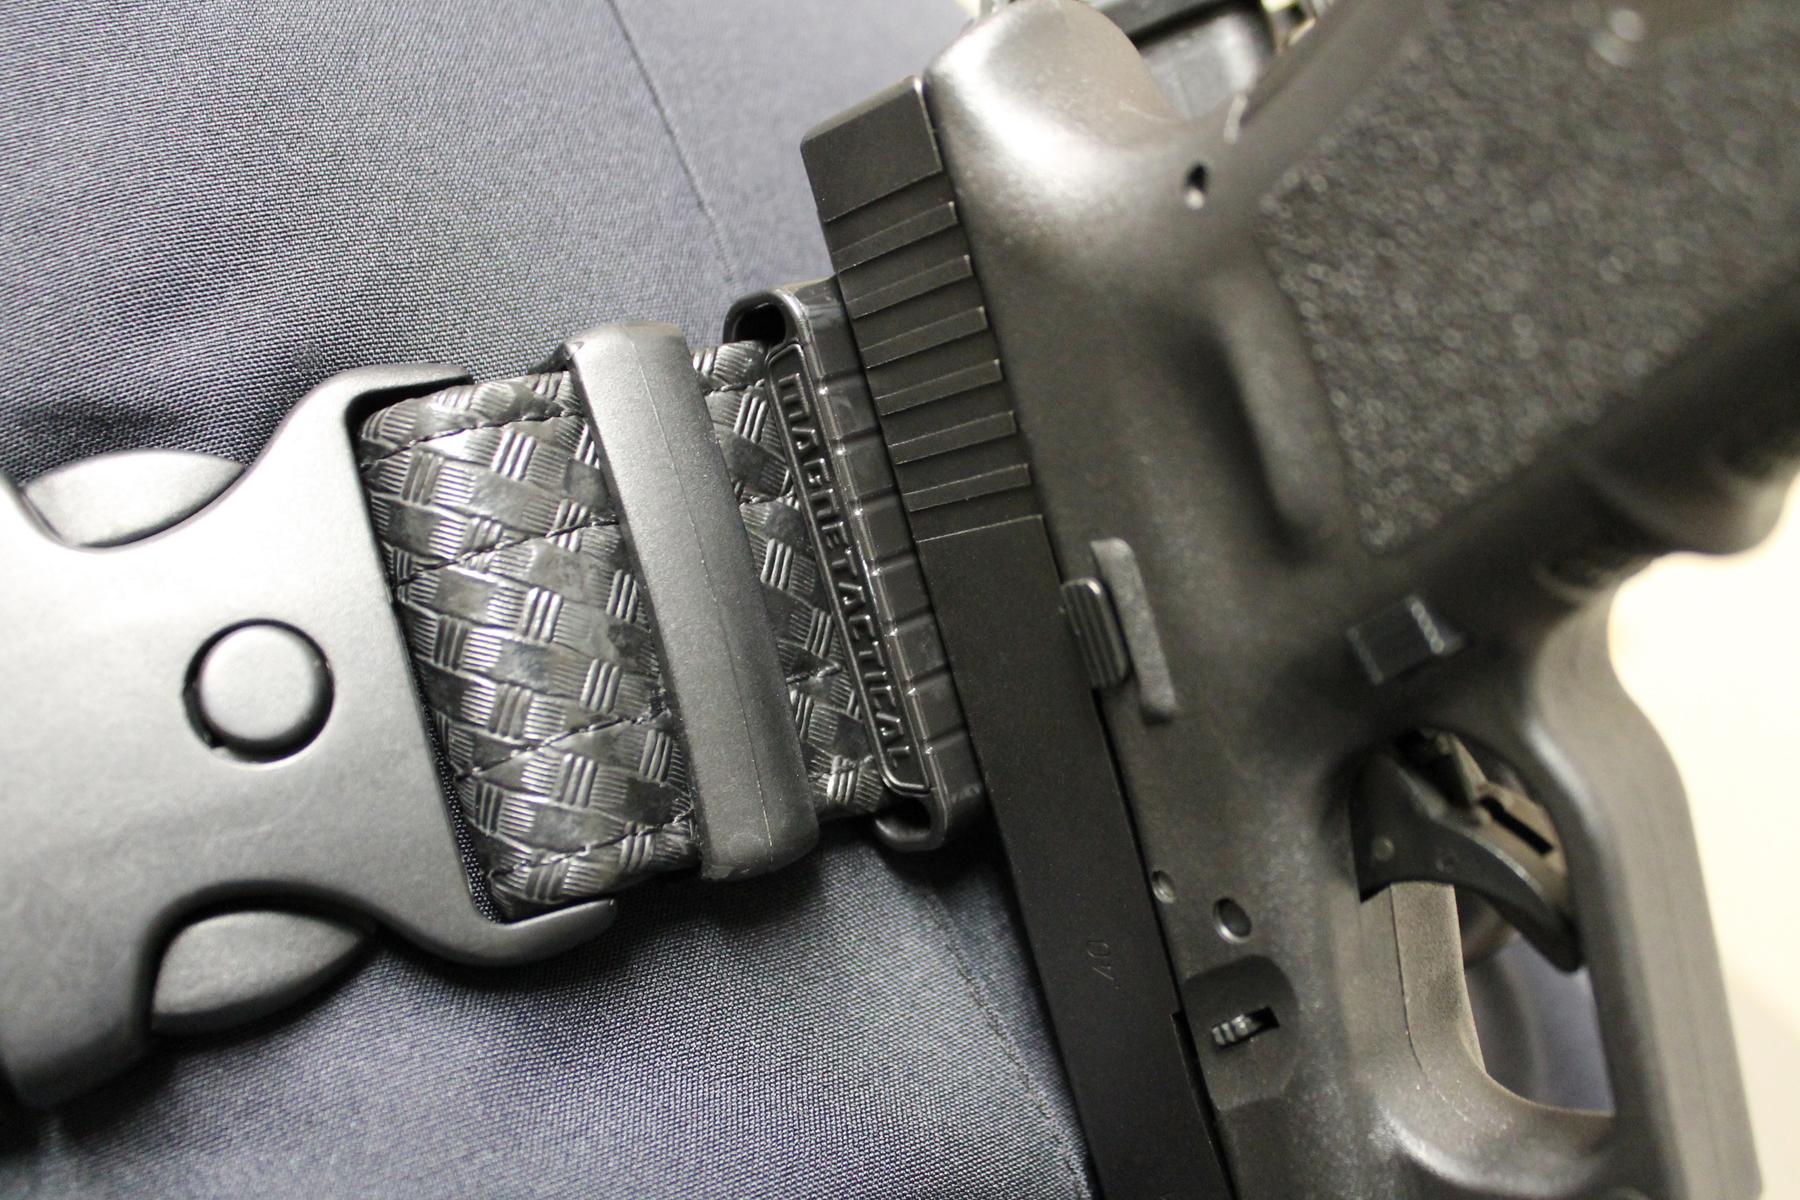 Magnetactical Glock